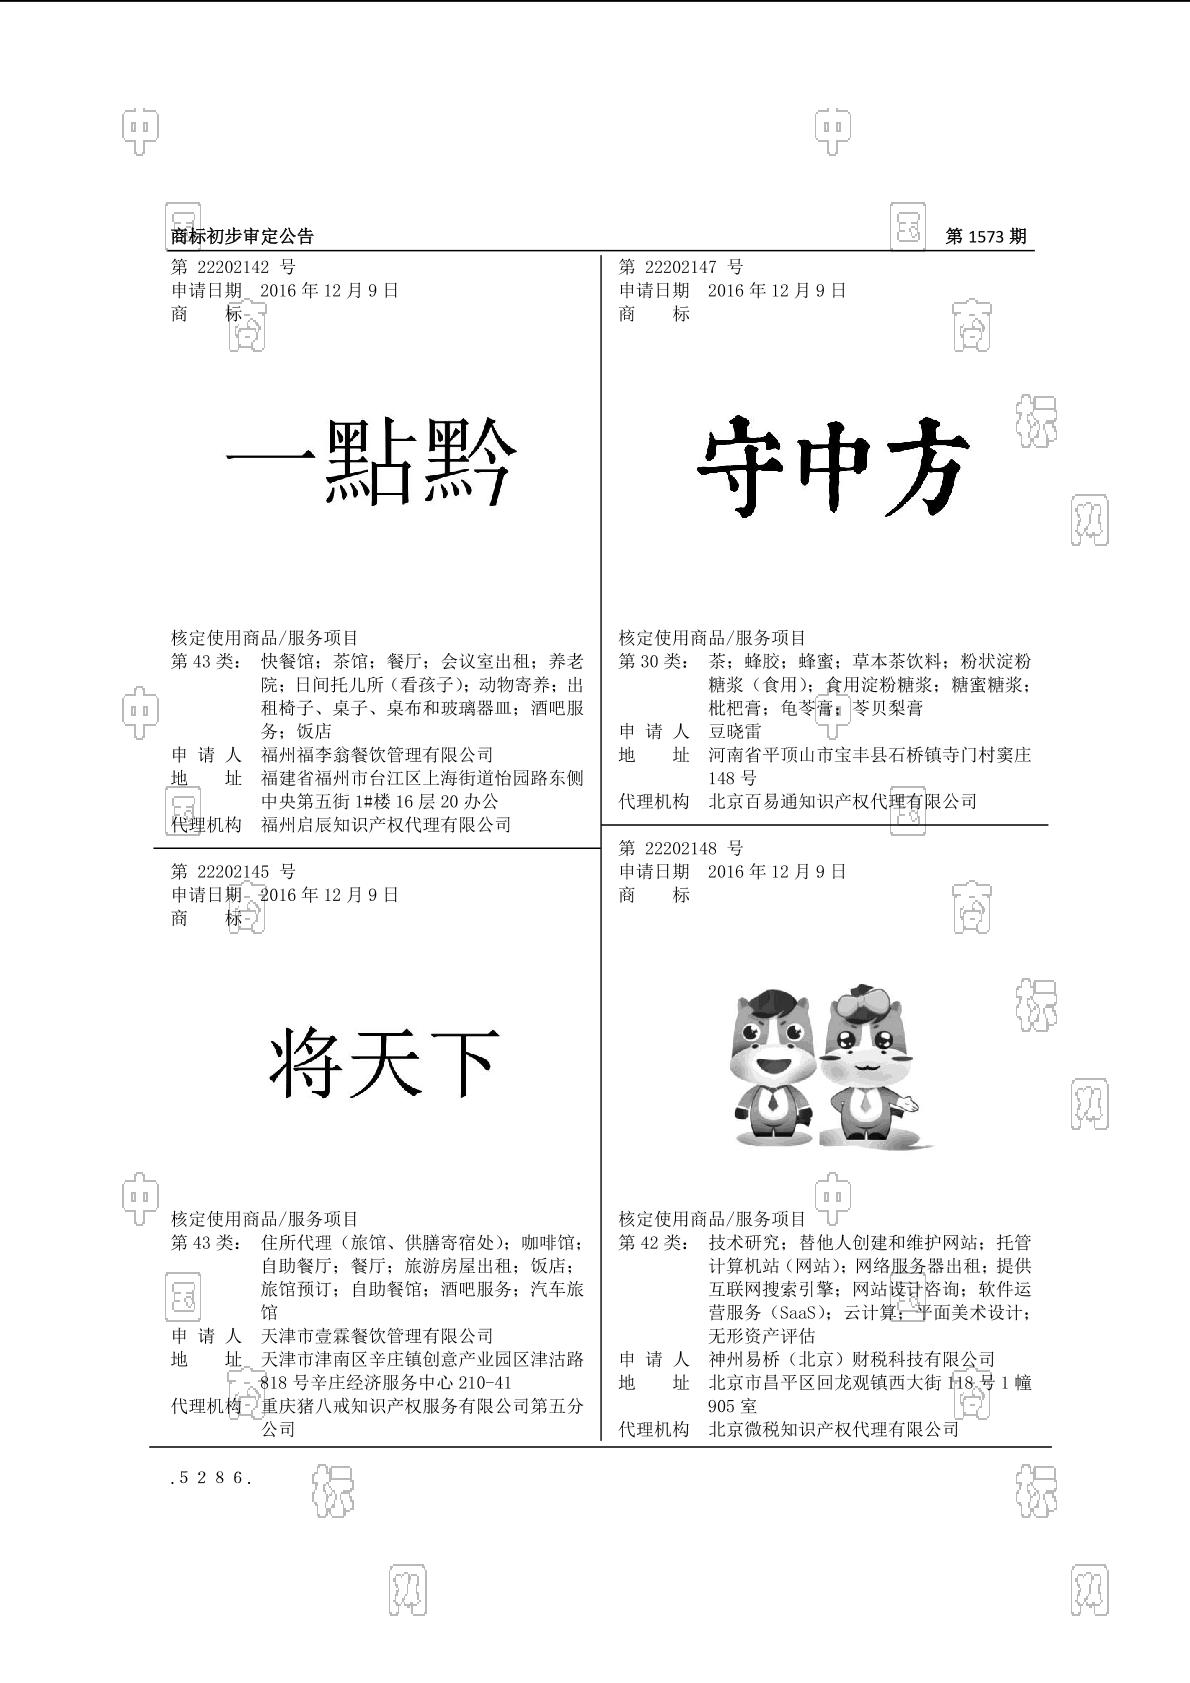 【社标网】将天下商标状态注册号信息 深圳将天下餐饮管理有限公司商标信息-商标查询